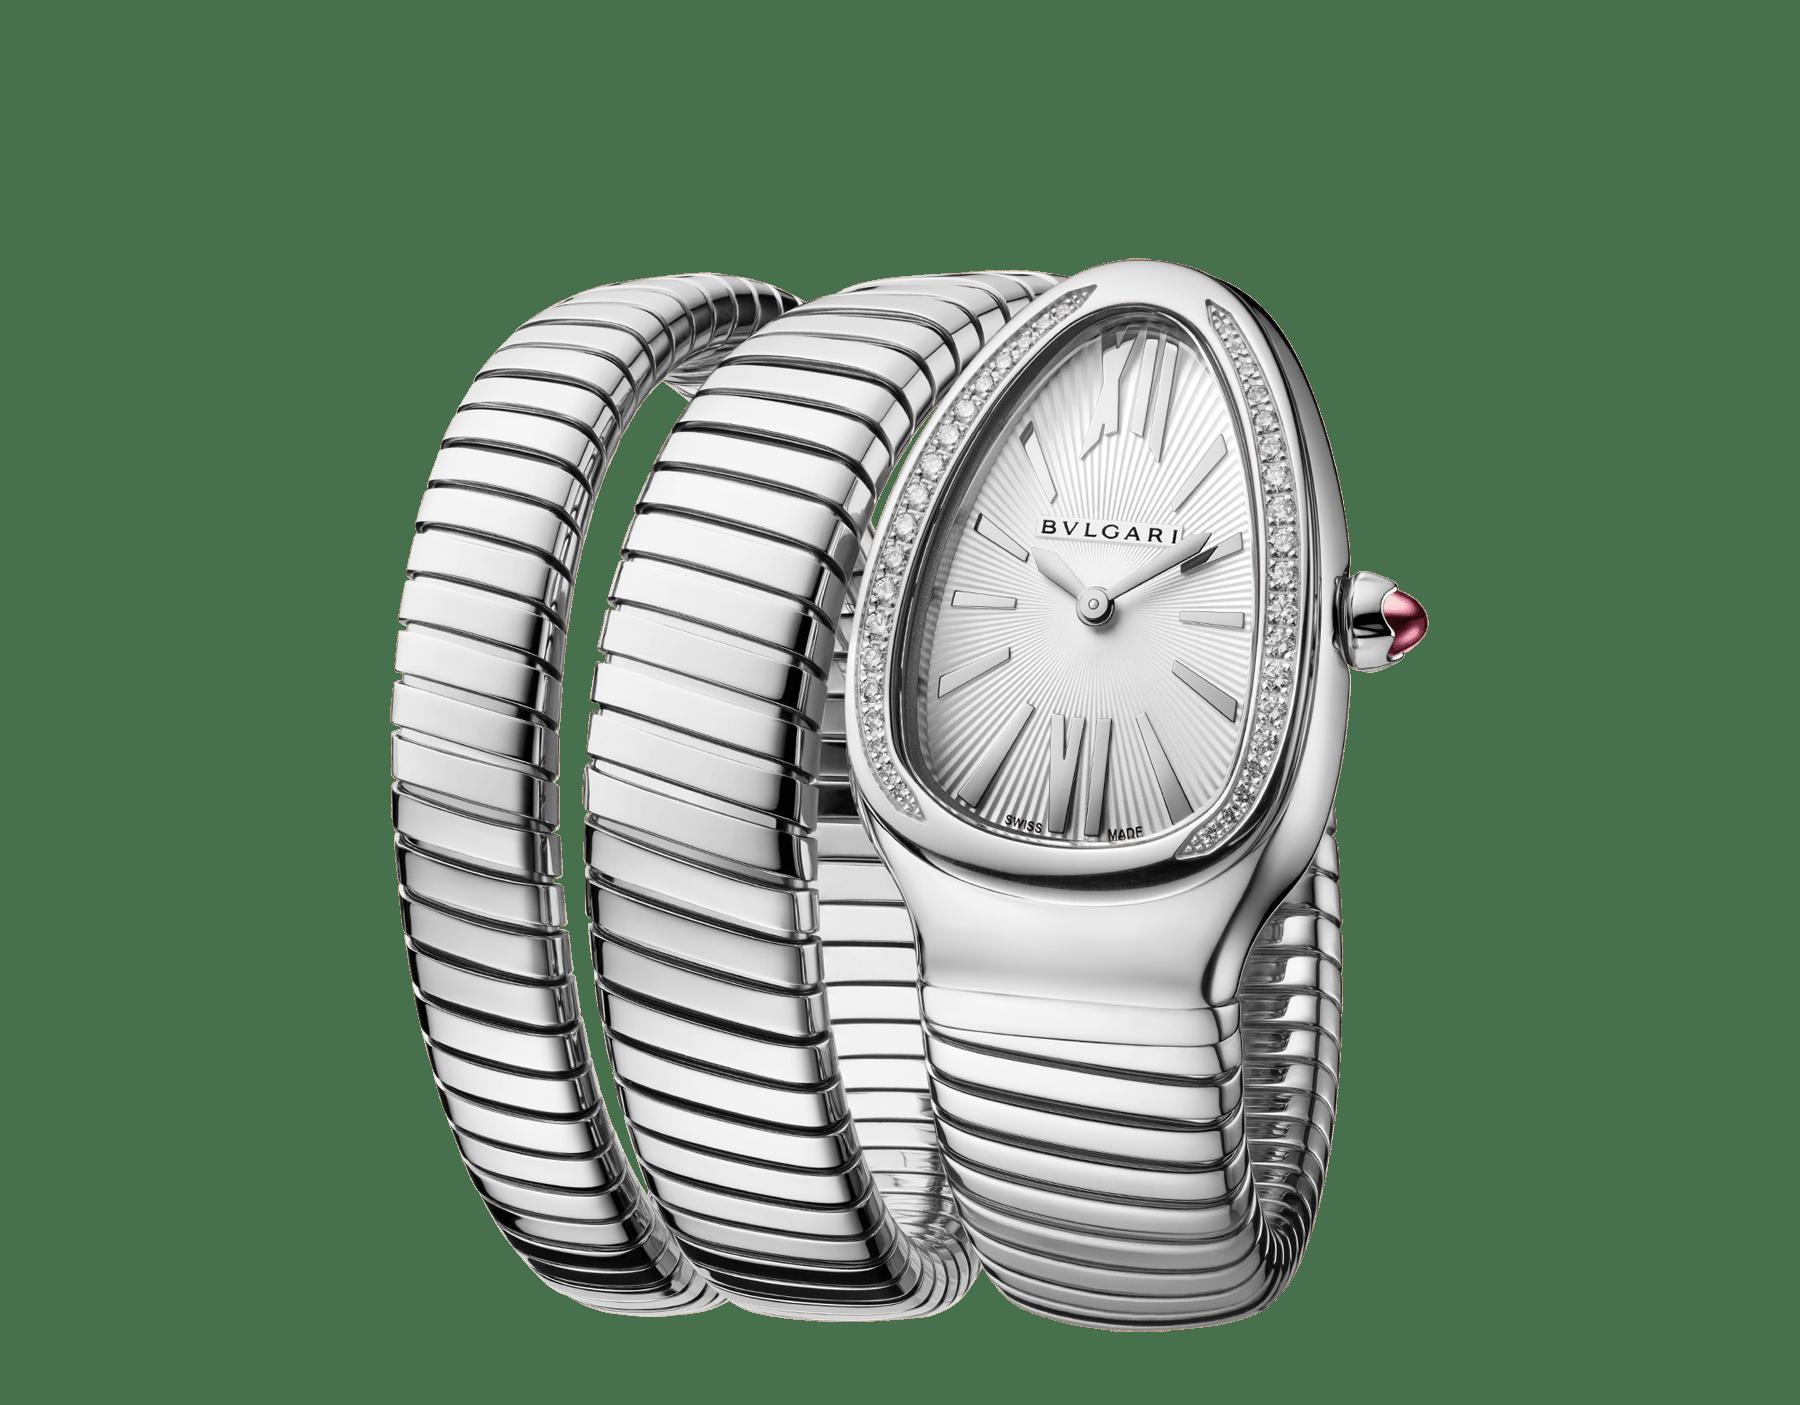 Montre Serpenti Tubogas avec boîtier et bracelet double spirale en acier inoxydable, lunette sertie de diamants taille brillant et cadran en opaline argentée. 101910 image 2